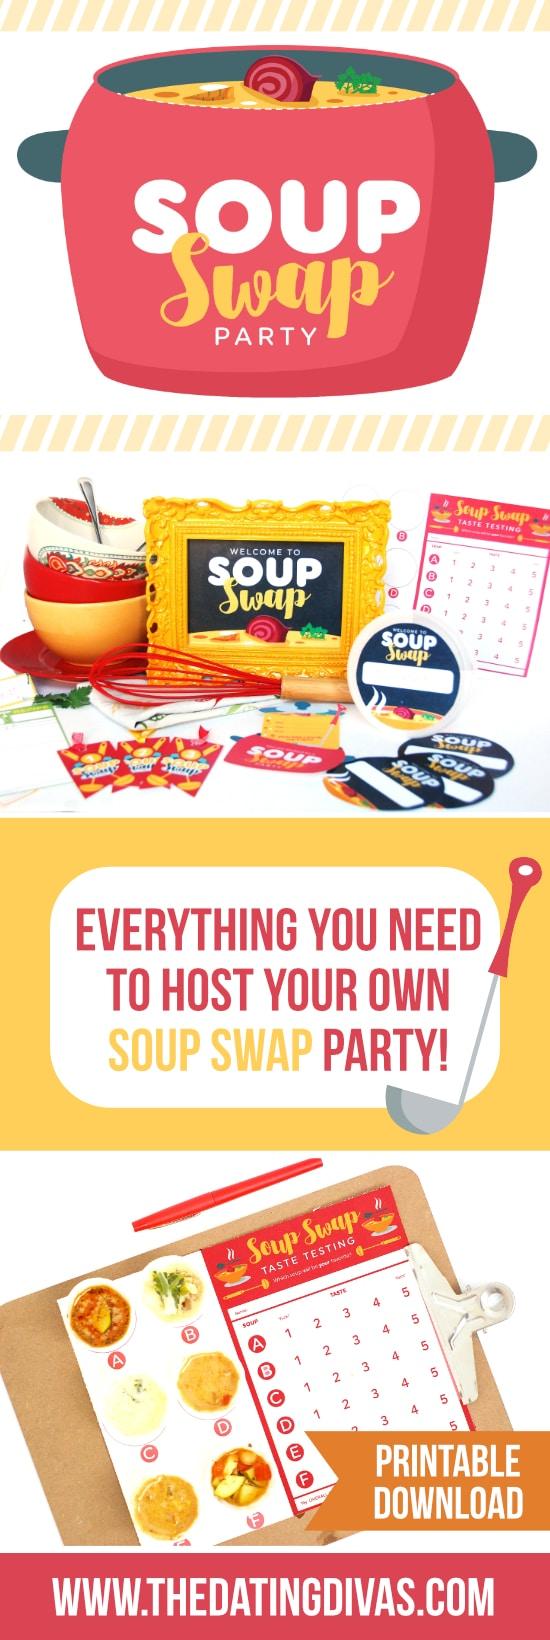 Host a Soup Swap Party